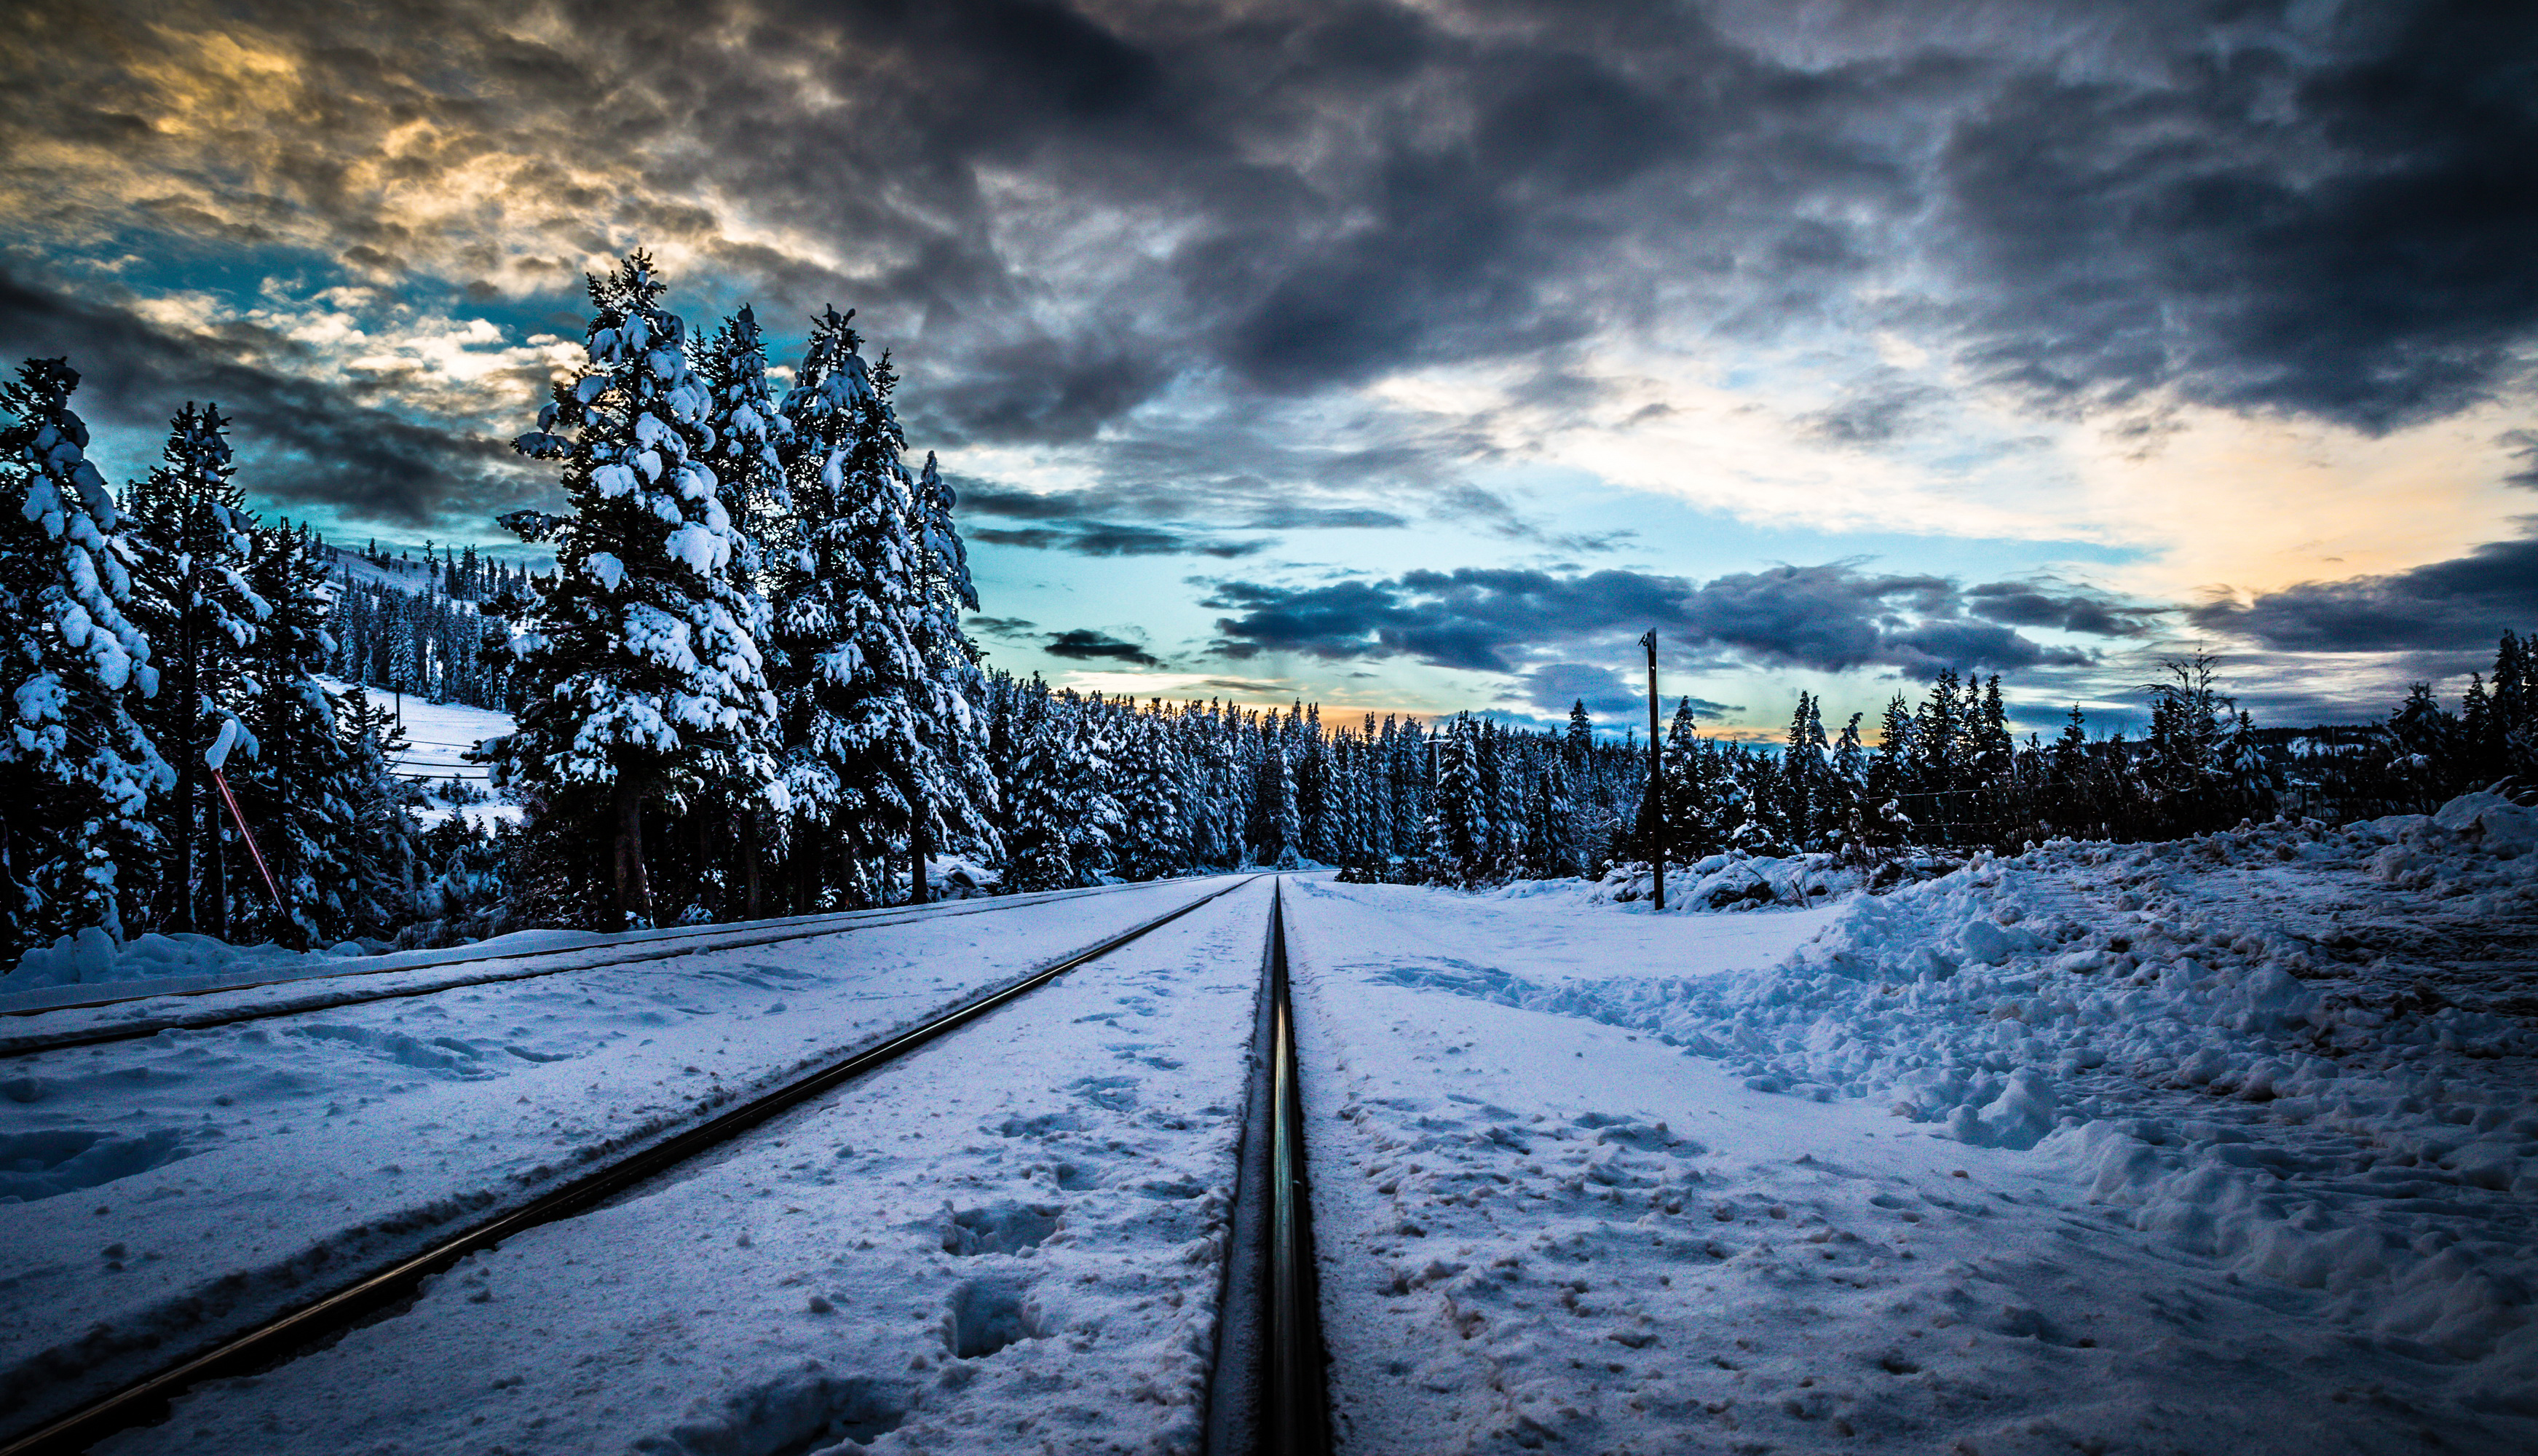 дорога зима вечер снег  № 3902524 загрузить